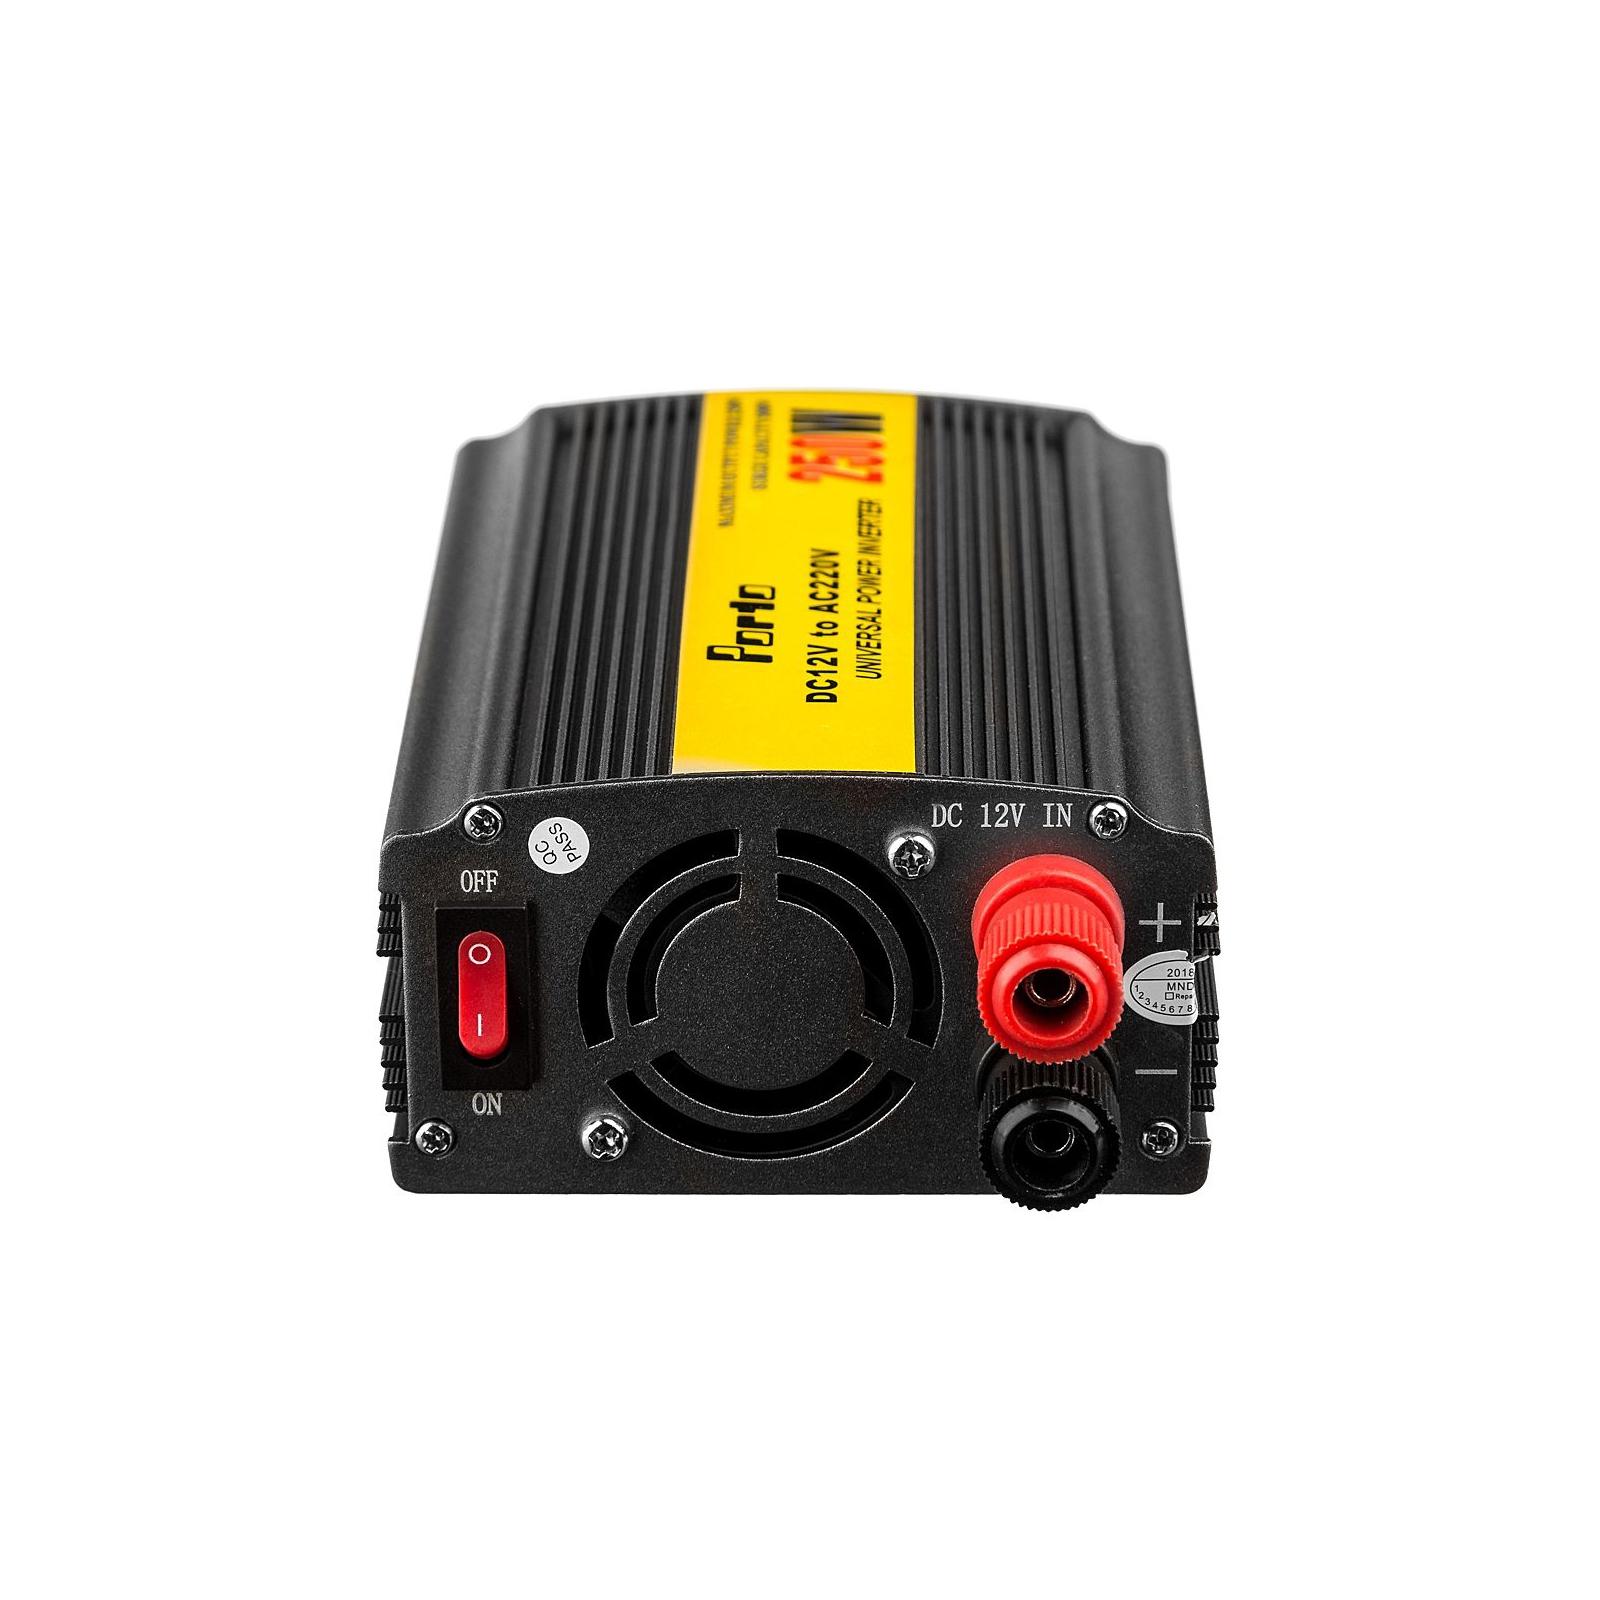 Автомобильный инвертор 12V/220V 250W, USB Porto (MND-250) изображение 3